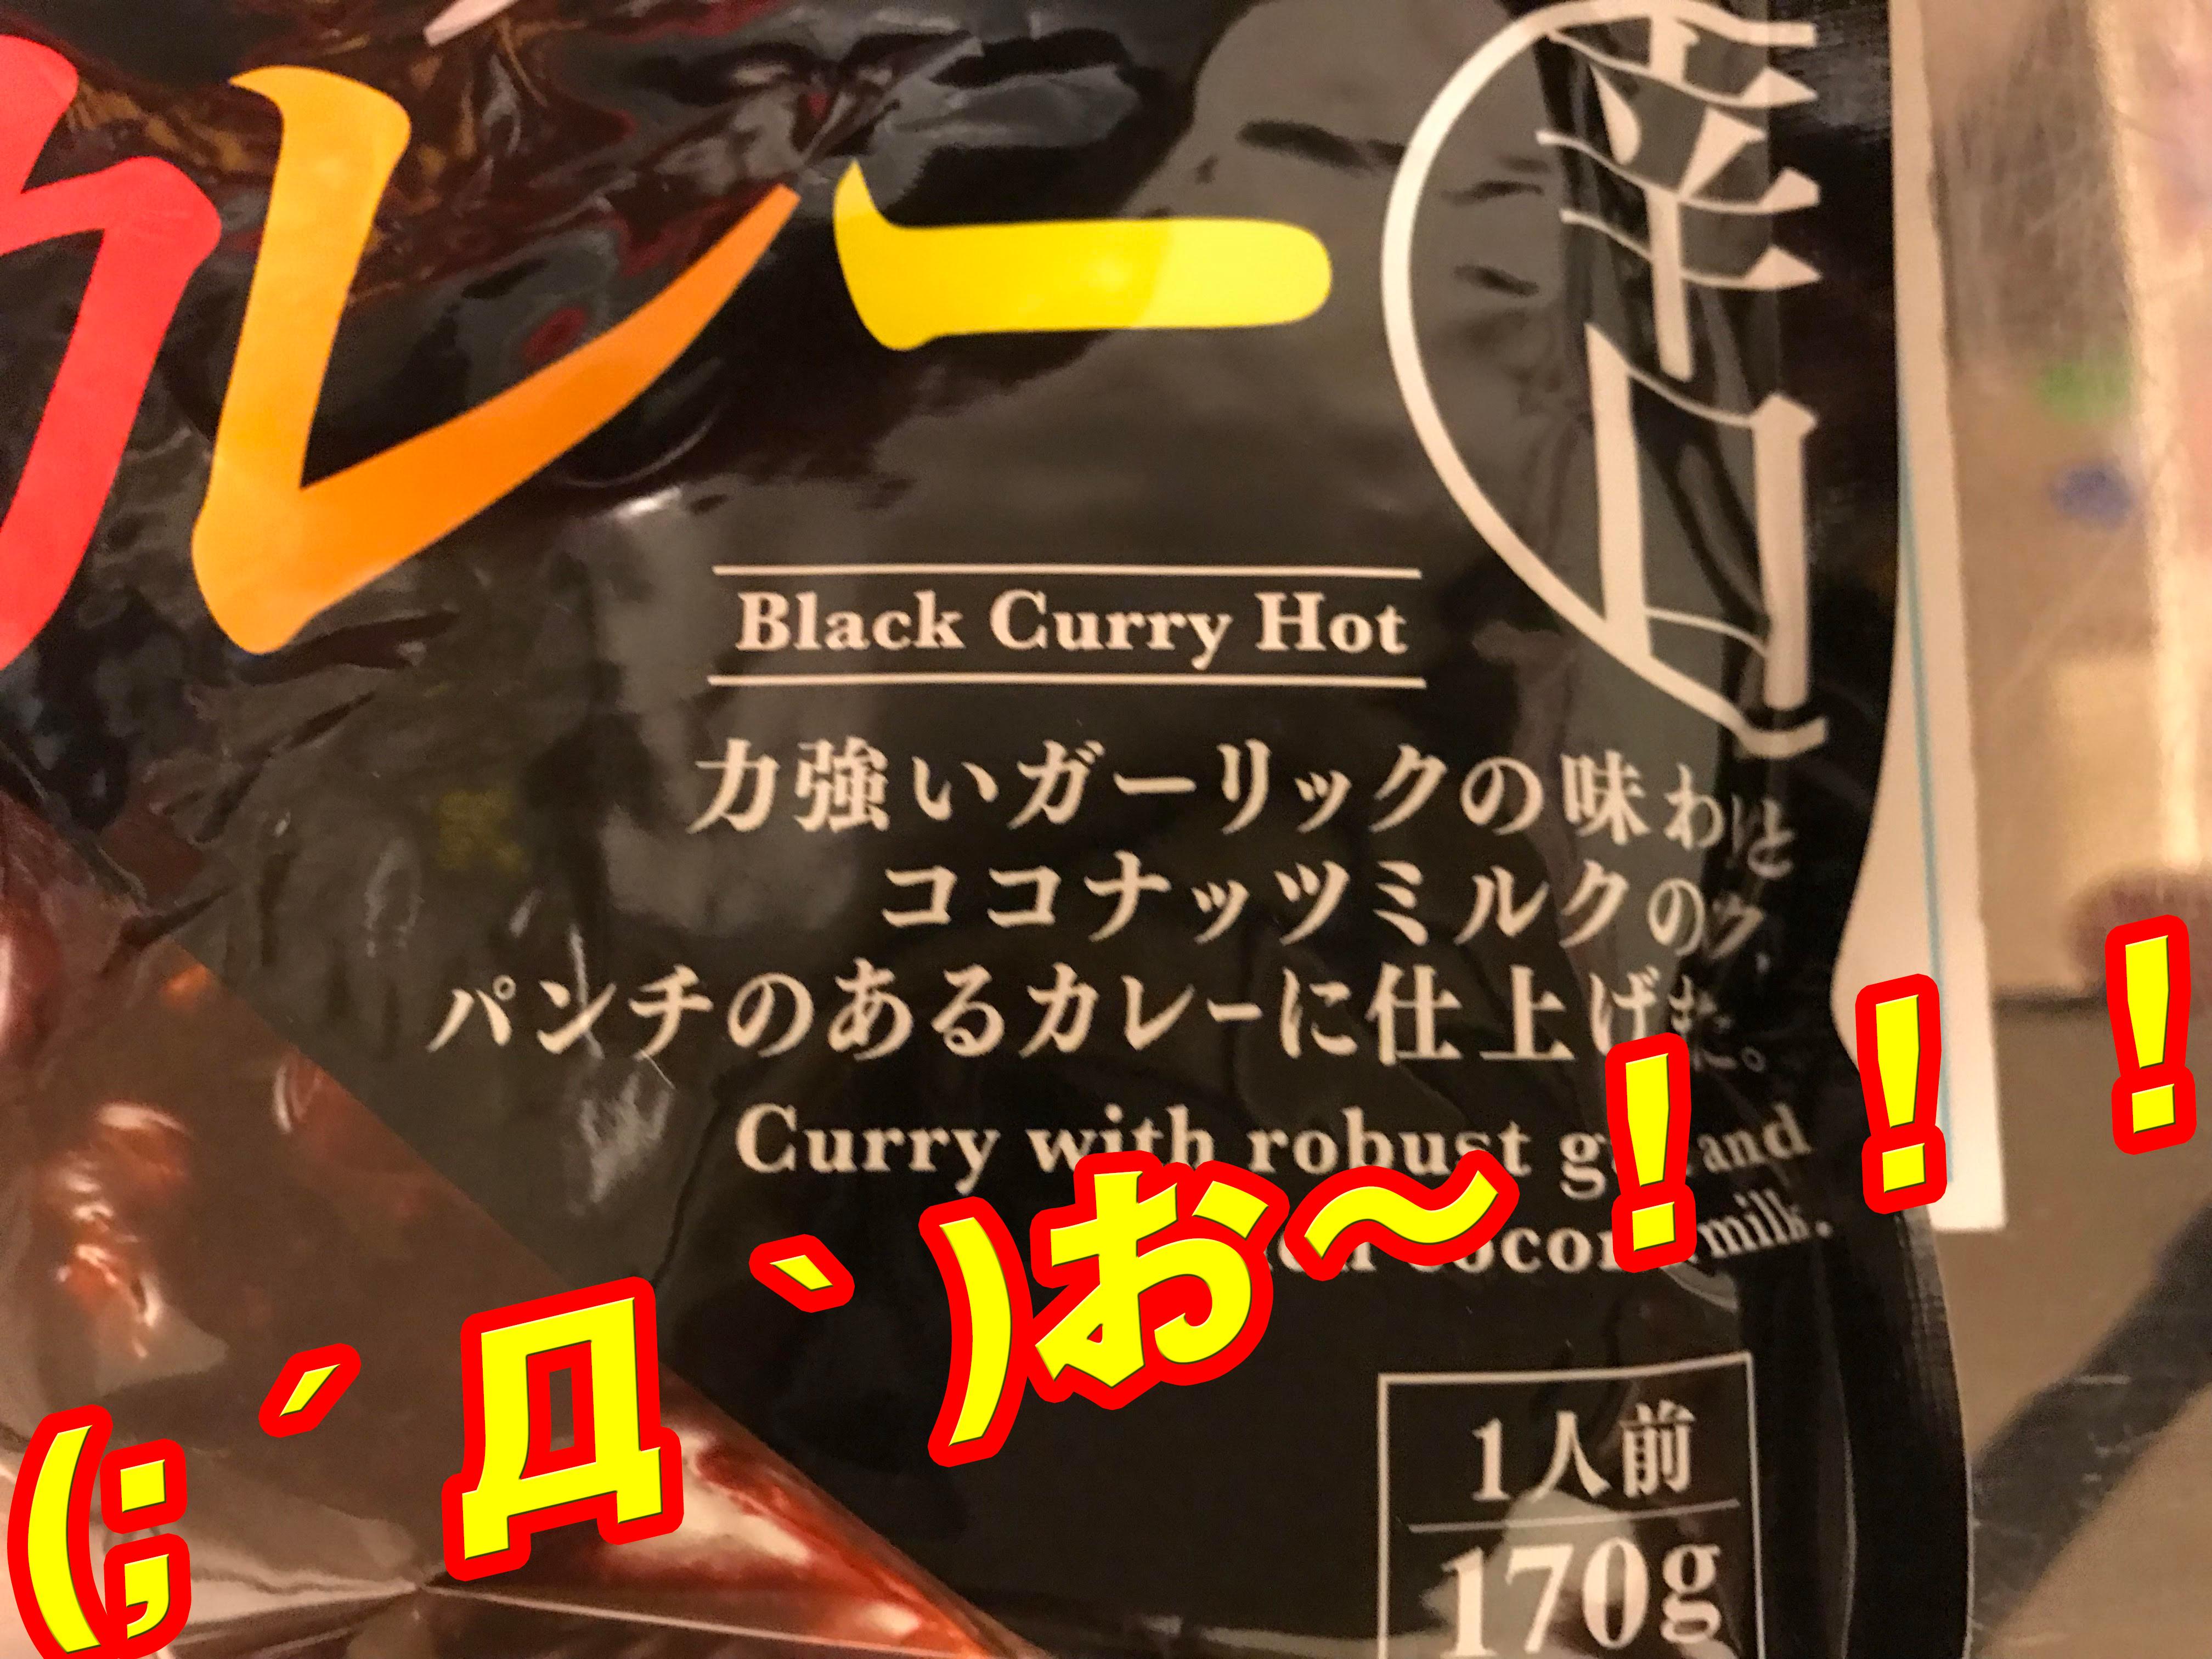 ダイソー ブラックカレー 108円